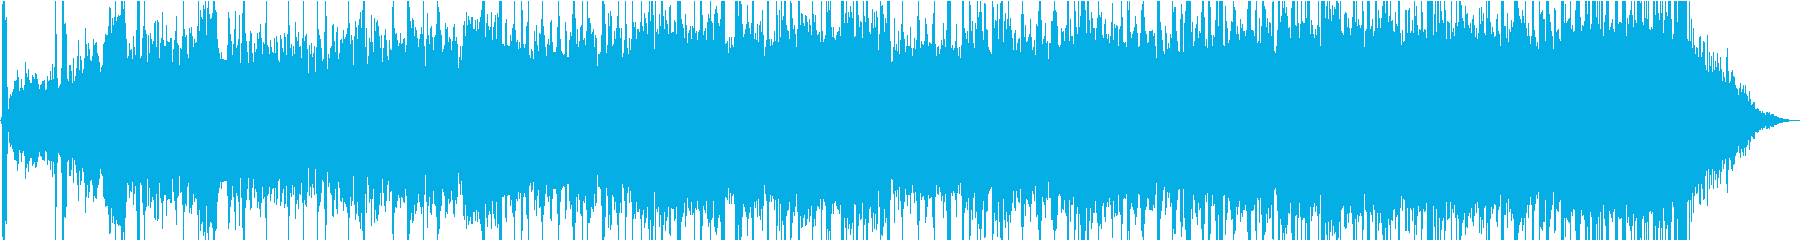 ポップ テクノ ワールド 民族 モ...の再生済みの波形